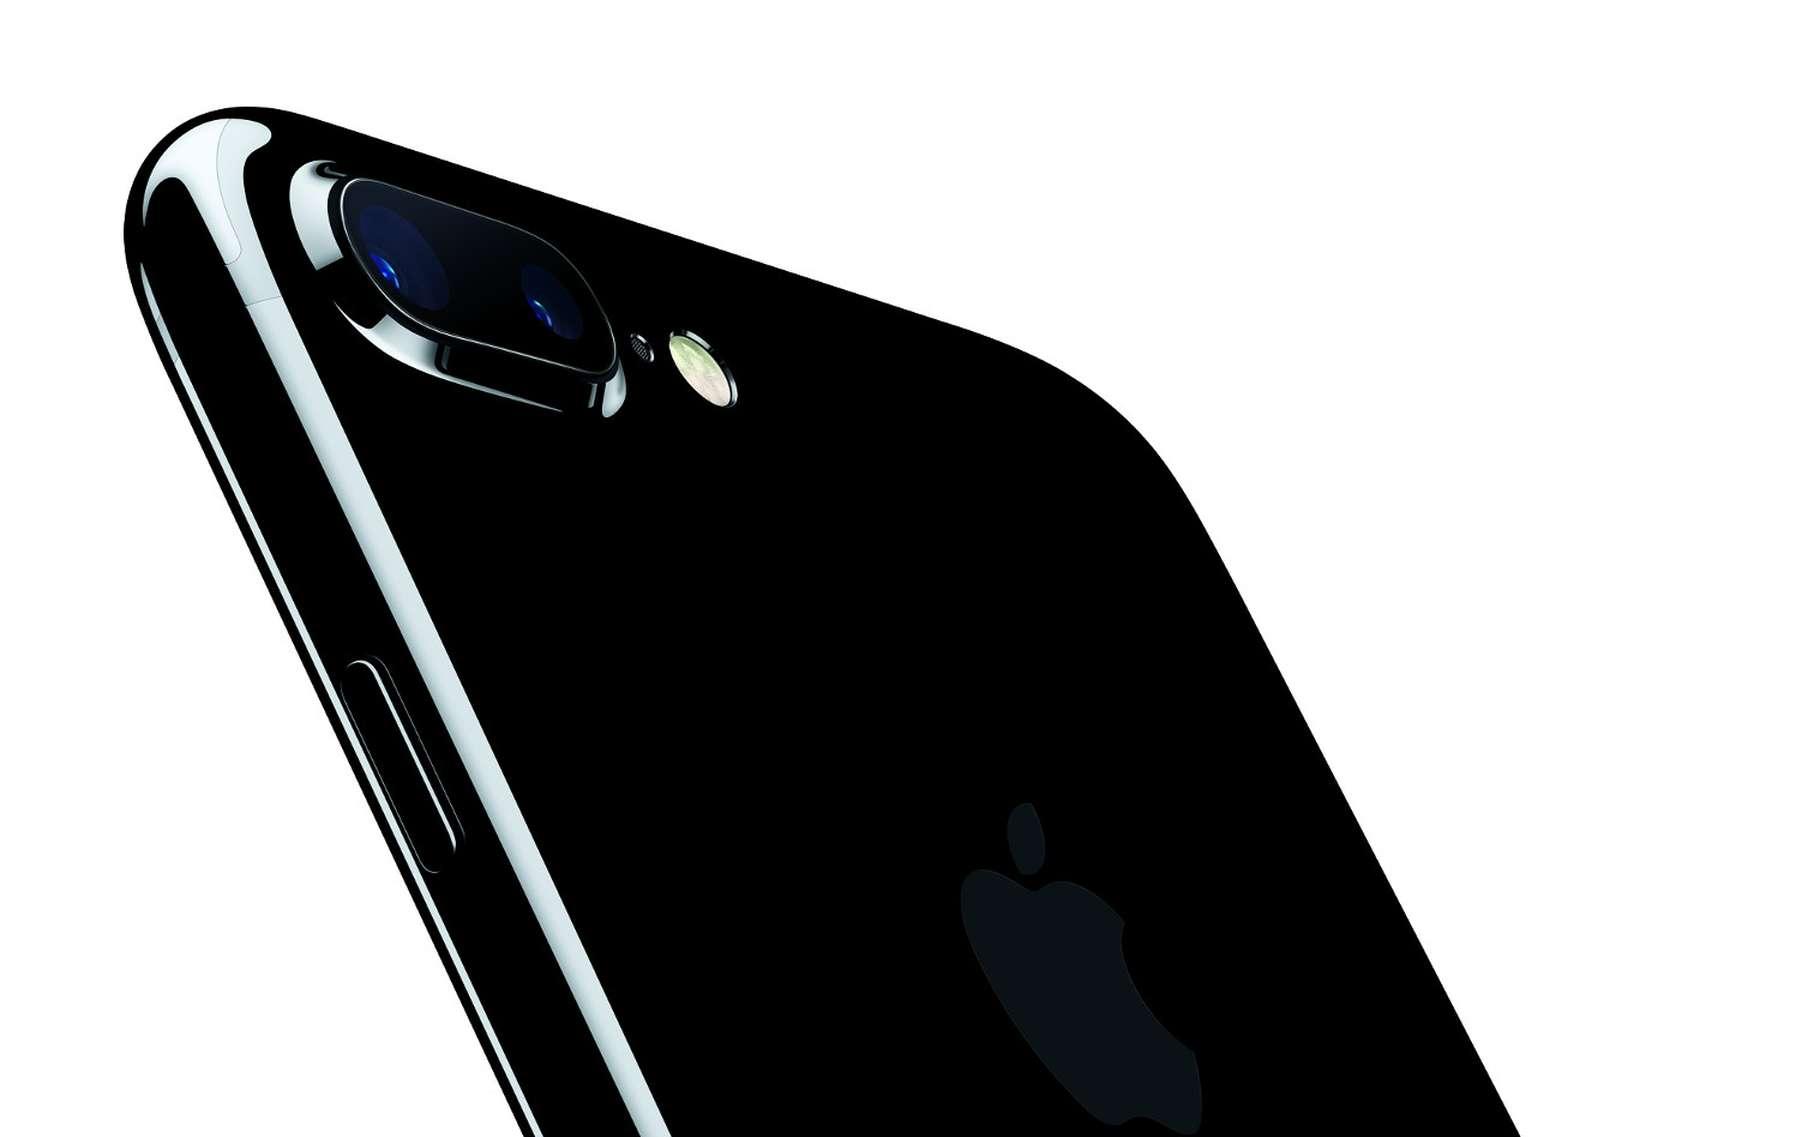 Avec son nouvel iPhone 7, Apple se met à jour face à la concurrence des Samsung et Sony avec un smartphone étanche et un appareil photo double capteur (iPhone 7 Plus) tout en cultivant sa stratégie de rupture avec l'abandon de la pise casque. © Apple